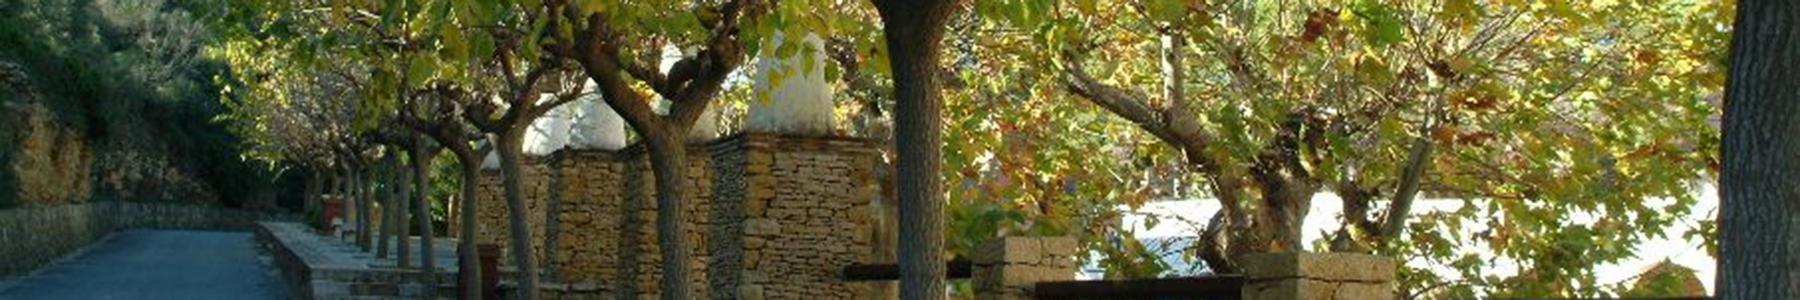 Menu de Otoño 2016 :: Restaurante Casa dels Capellans, Restaurante en Traiguera Castellon, Carnes a la Brasa Traiguera Castellón, Calçots Castellón, Asador Vinaroz::